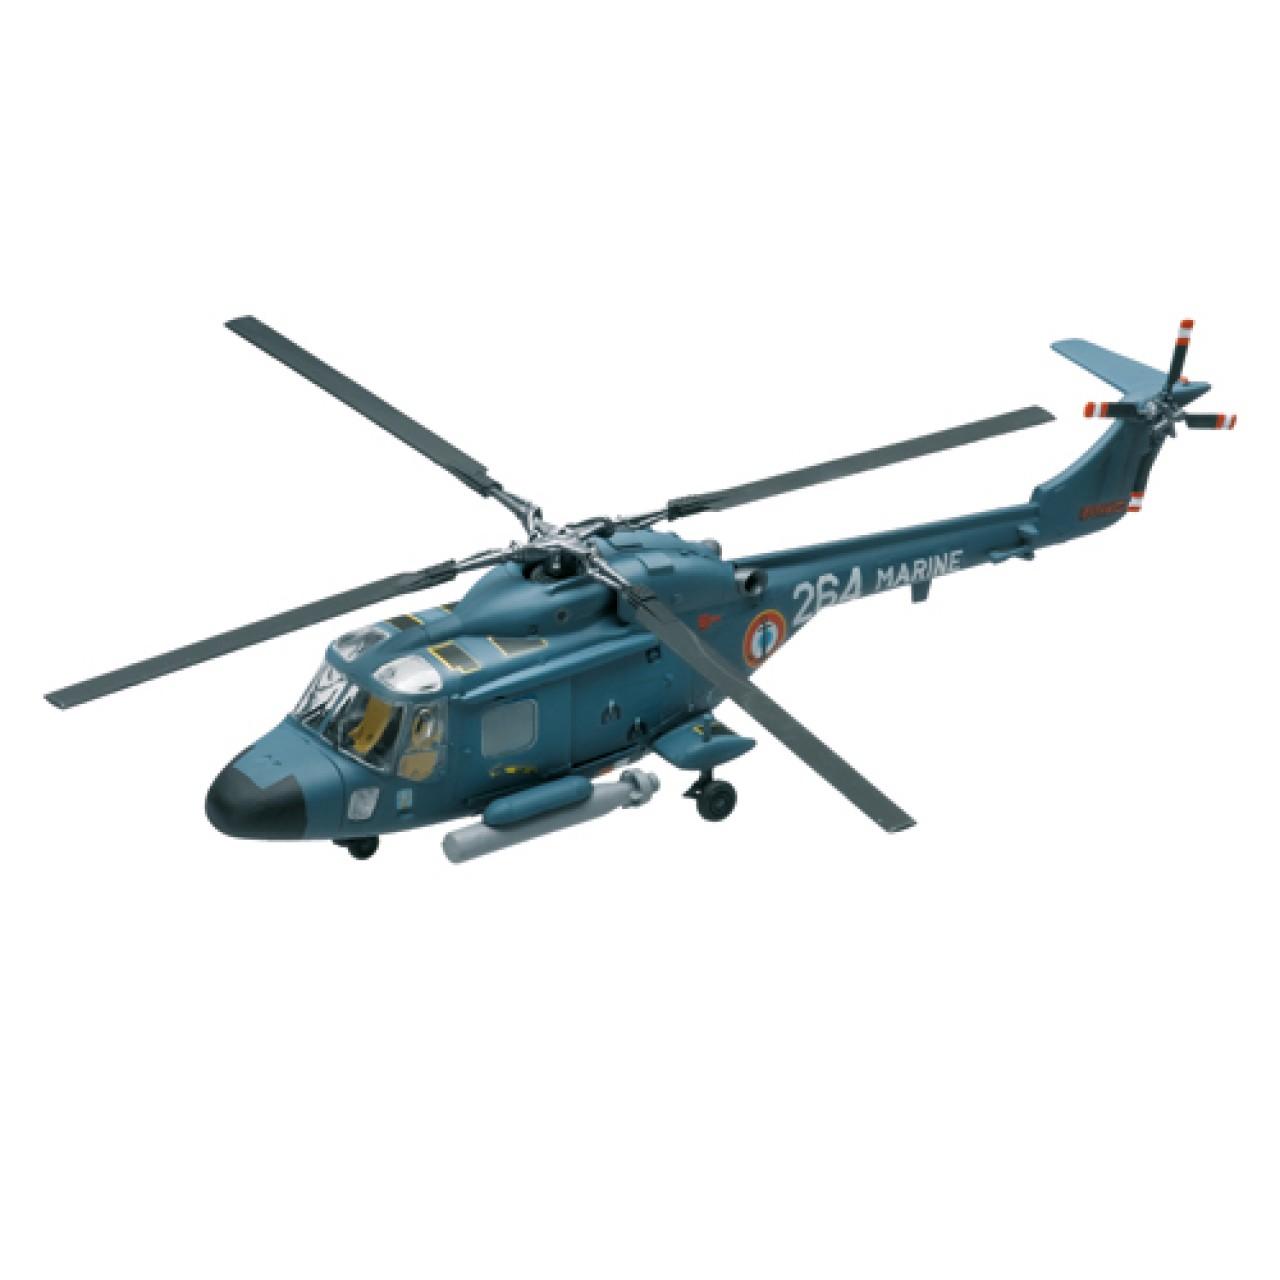 Elicottero Comanche : Elicotteri da combattimento deagostini modelspace